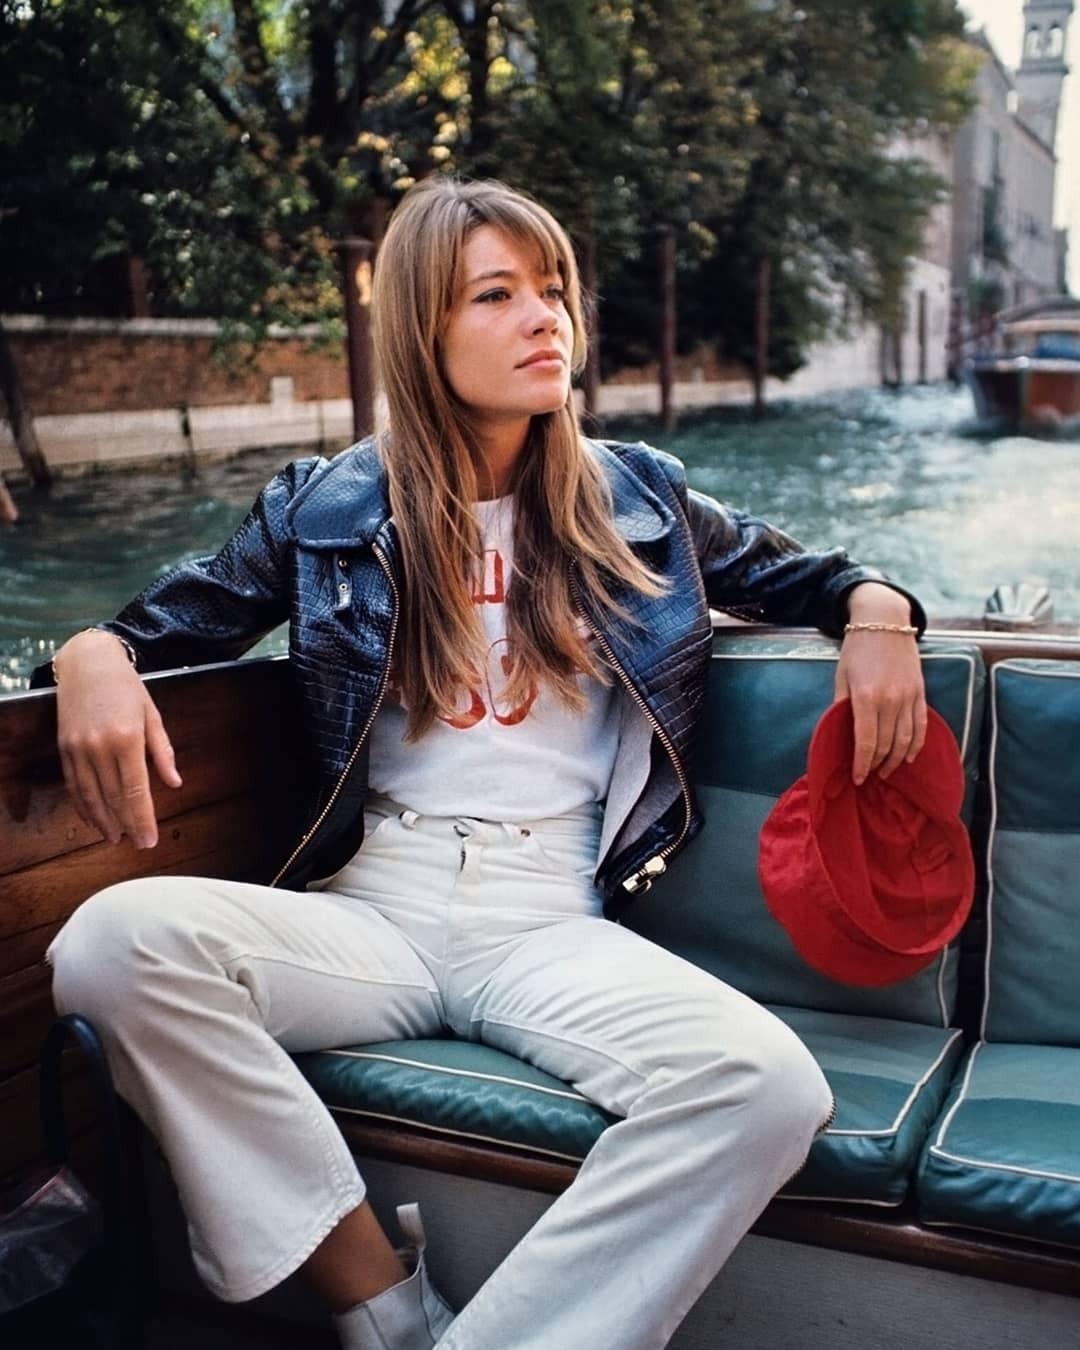 По мнению Франсуазы, девушку красит естественность, а значит не нужно никаких вымученных причесок, макияжа и нелепой одежды. Несмотря на свою популярность, Франсуаза Арди всегда оставалас...